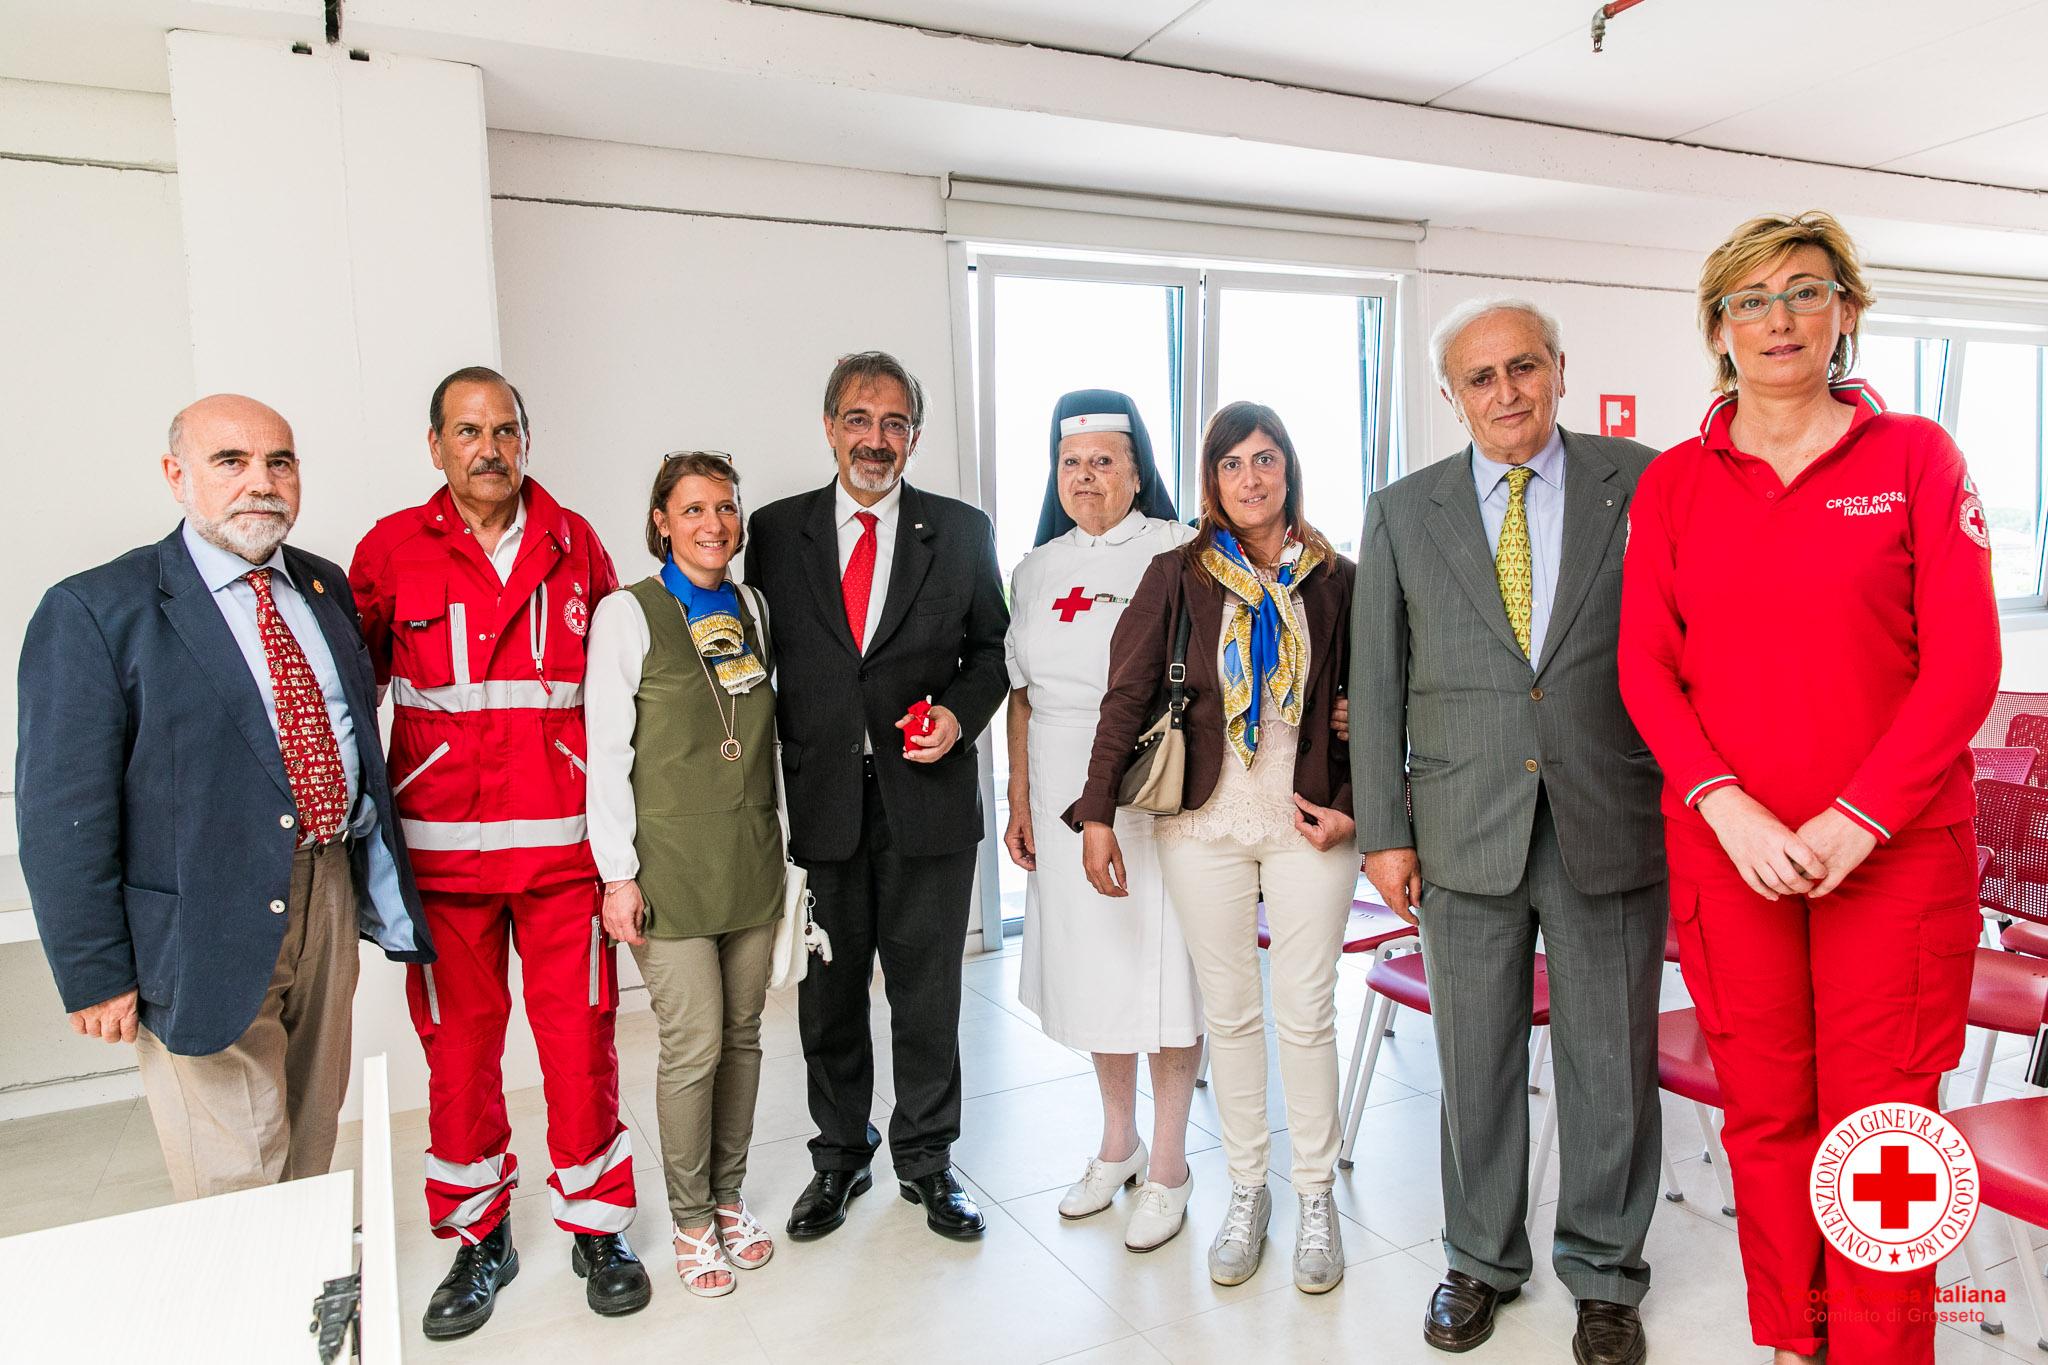 Croce Rossa Italiana Comitato di Grosseto - Inaugurazione nuova sede Maggio 2018